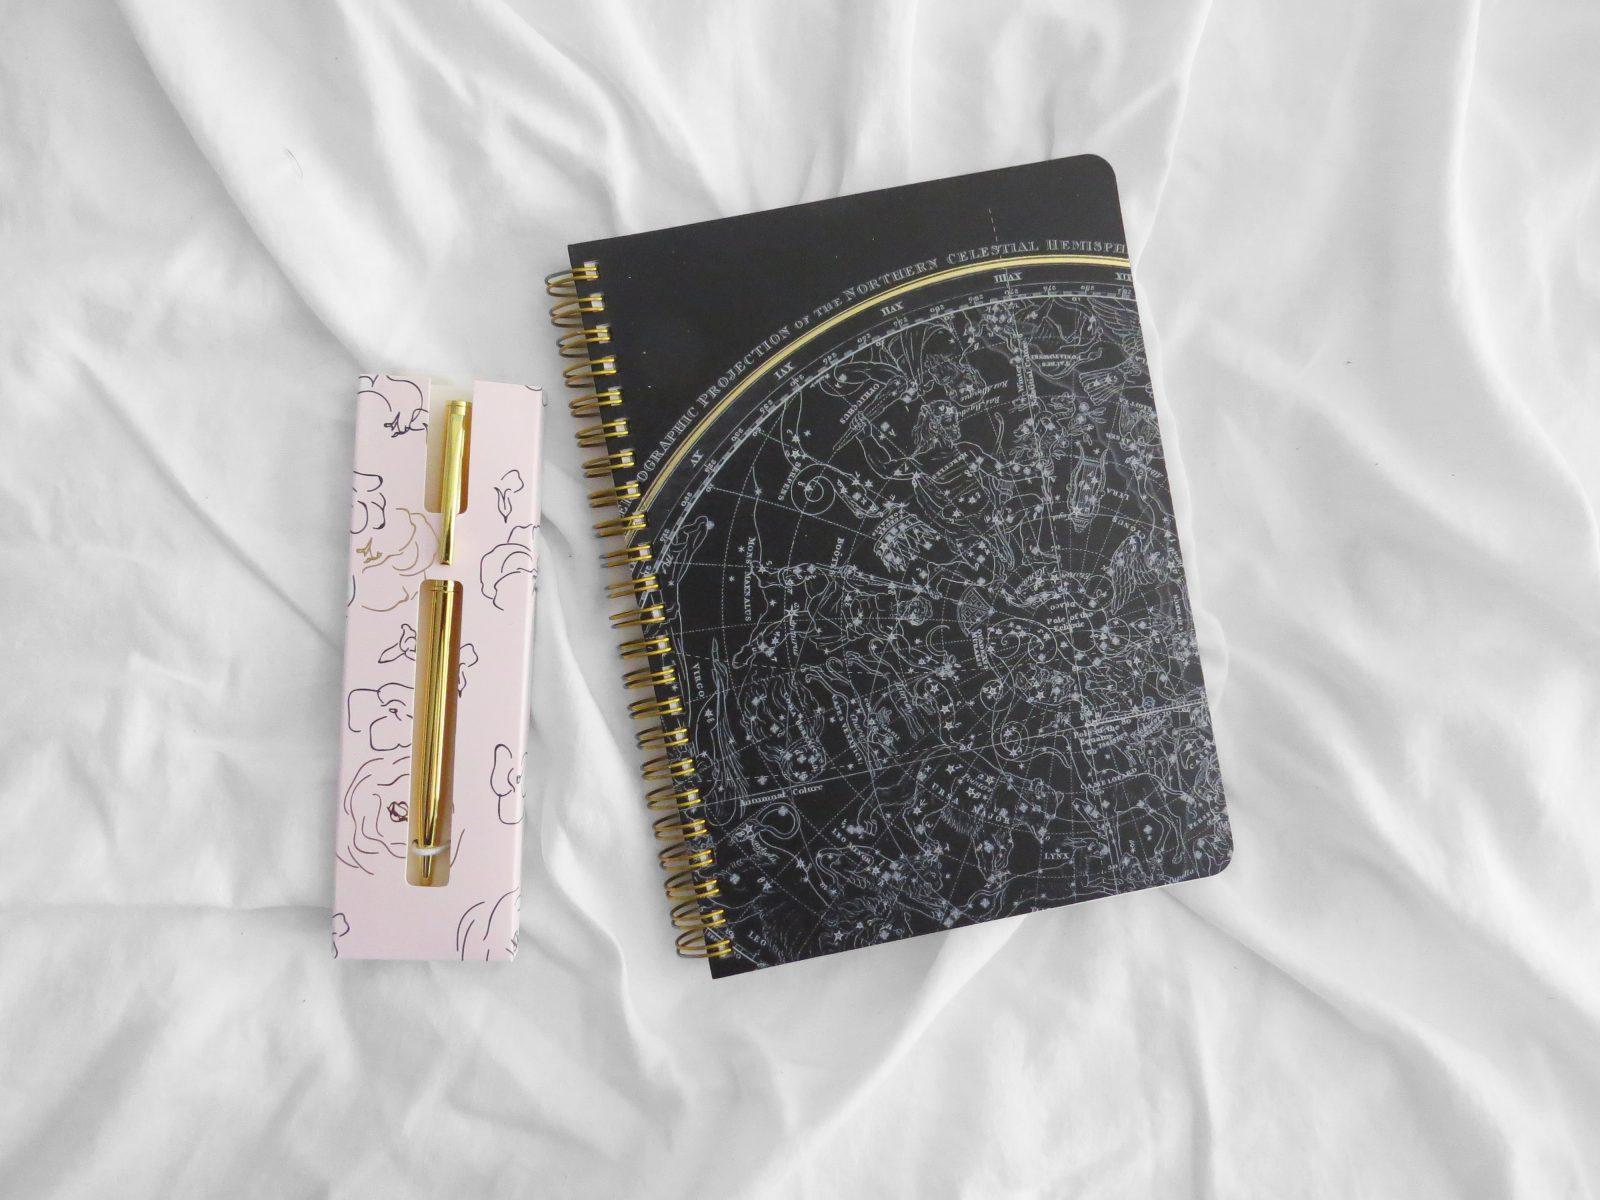 Indigo Book Box October 2018 Notebook + Pen - The Contented Reader